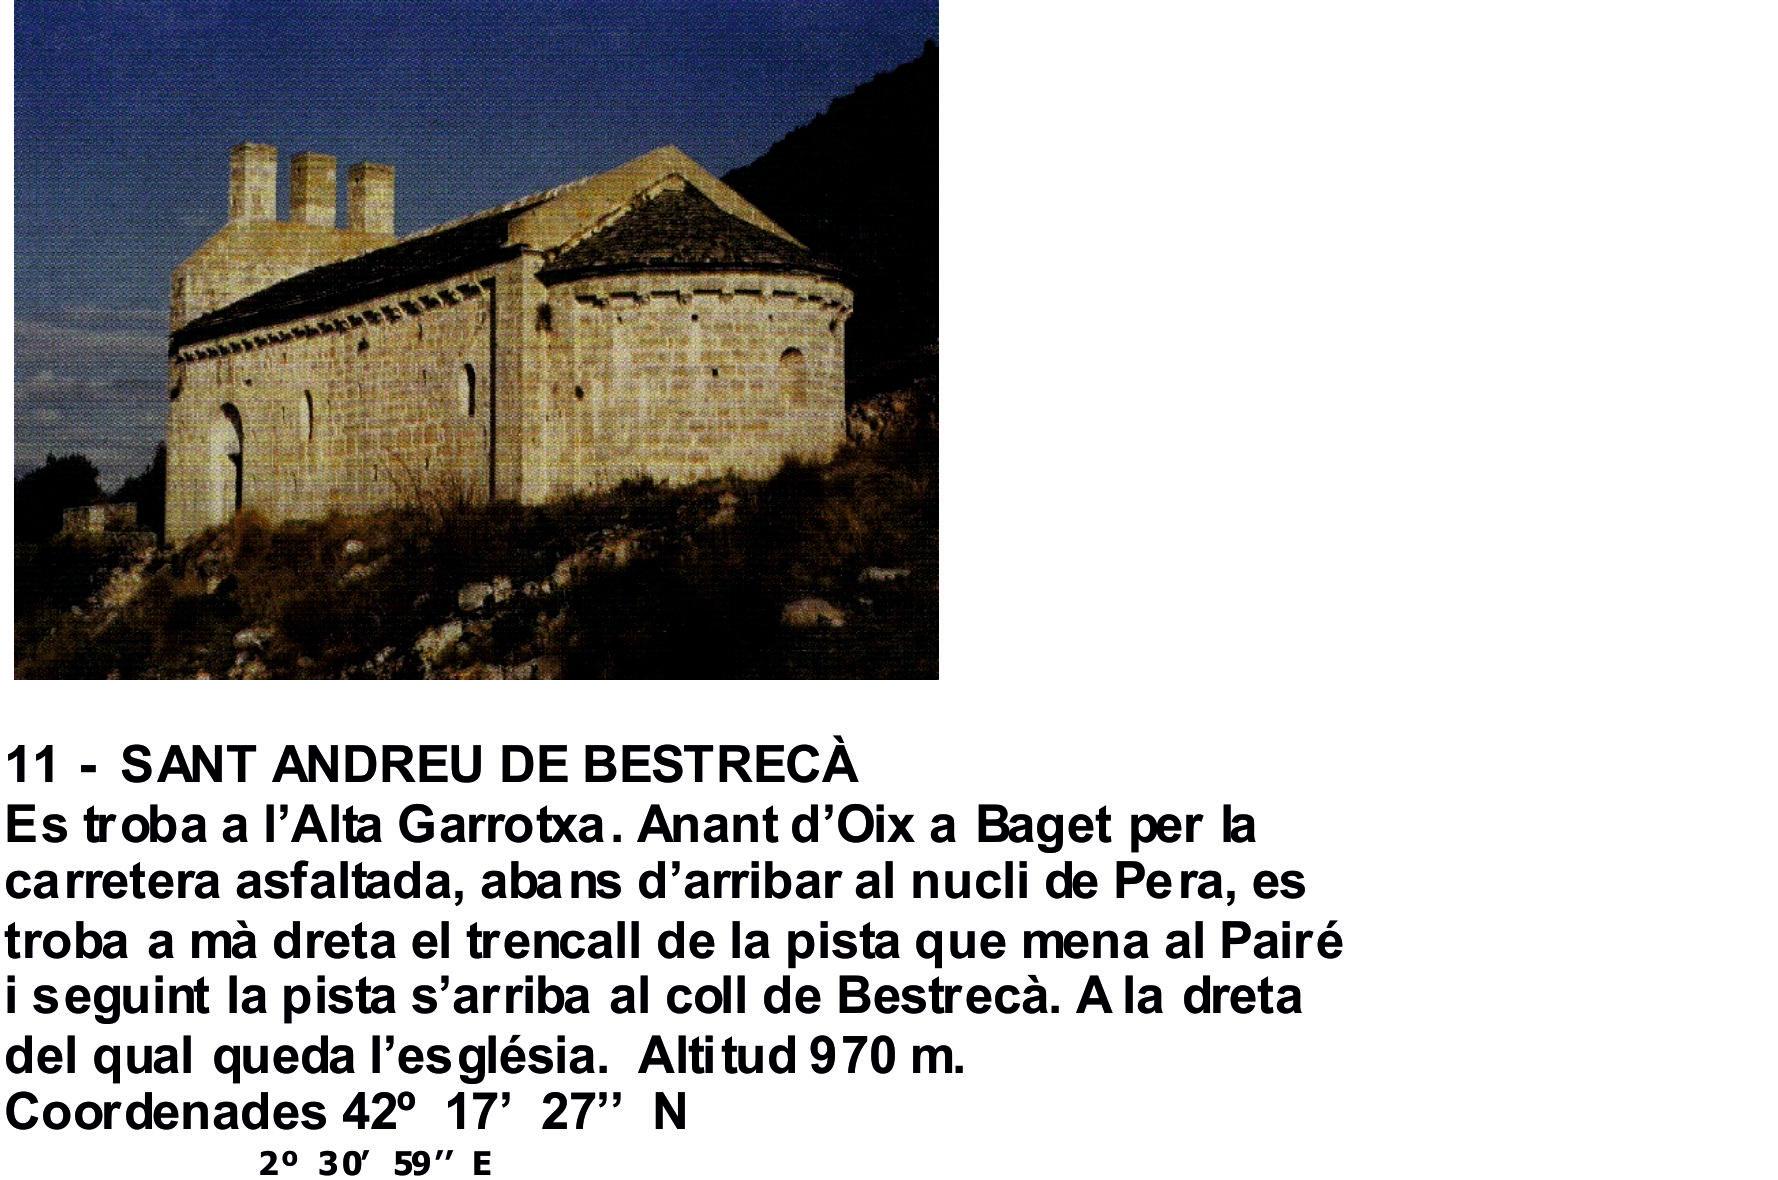 11_-__SANT_ANDREU_DE_BESTRECÀ